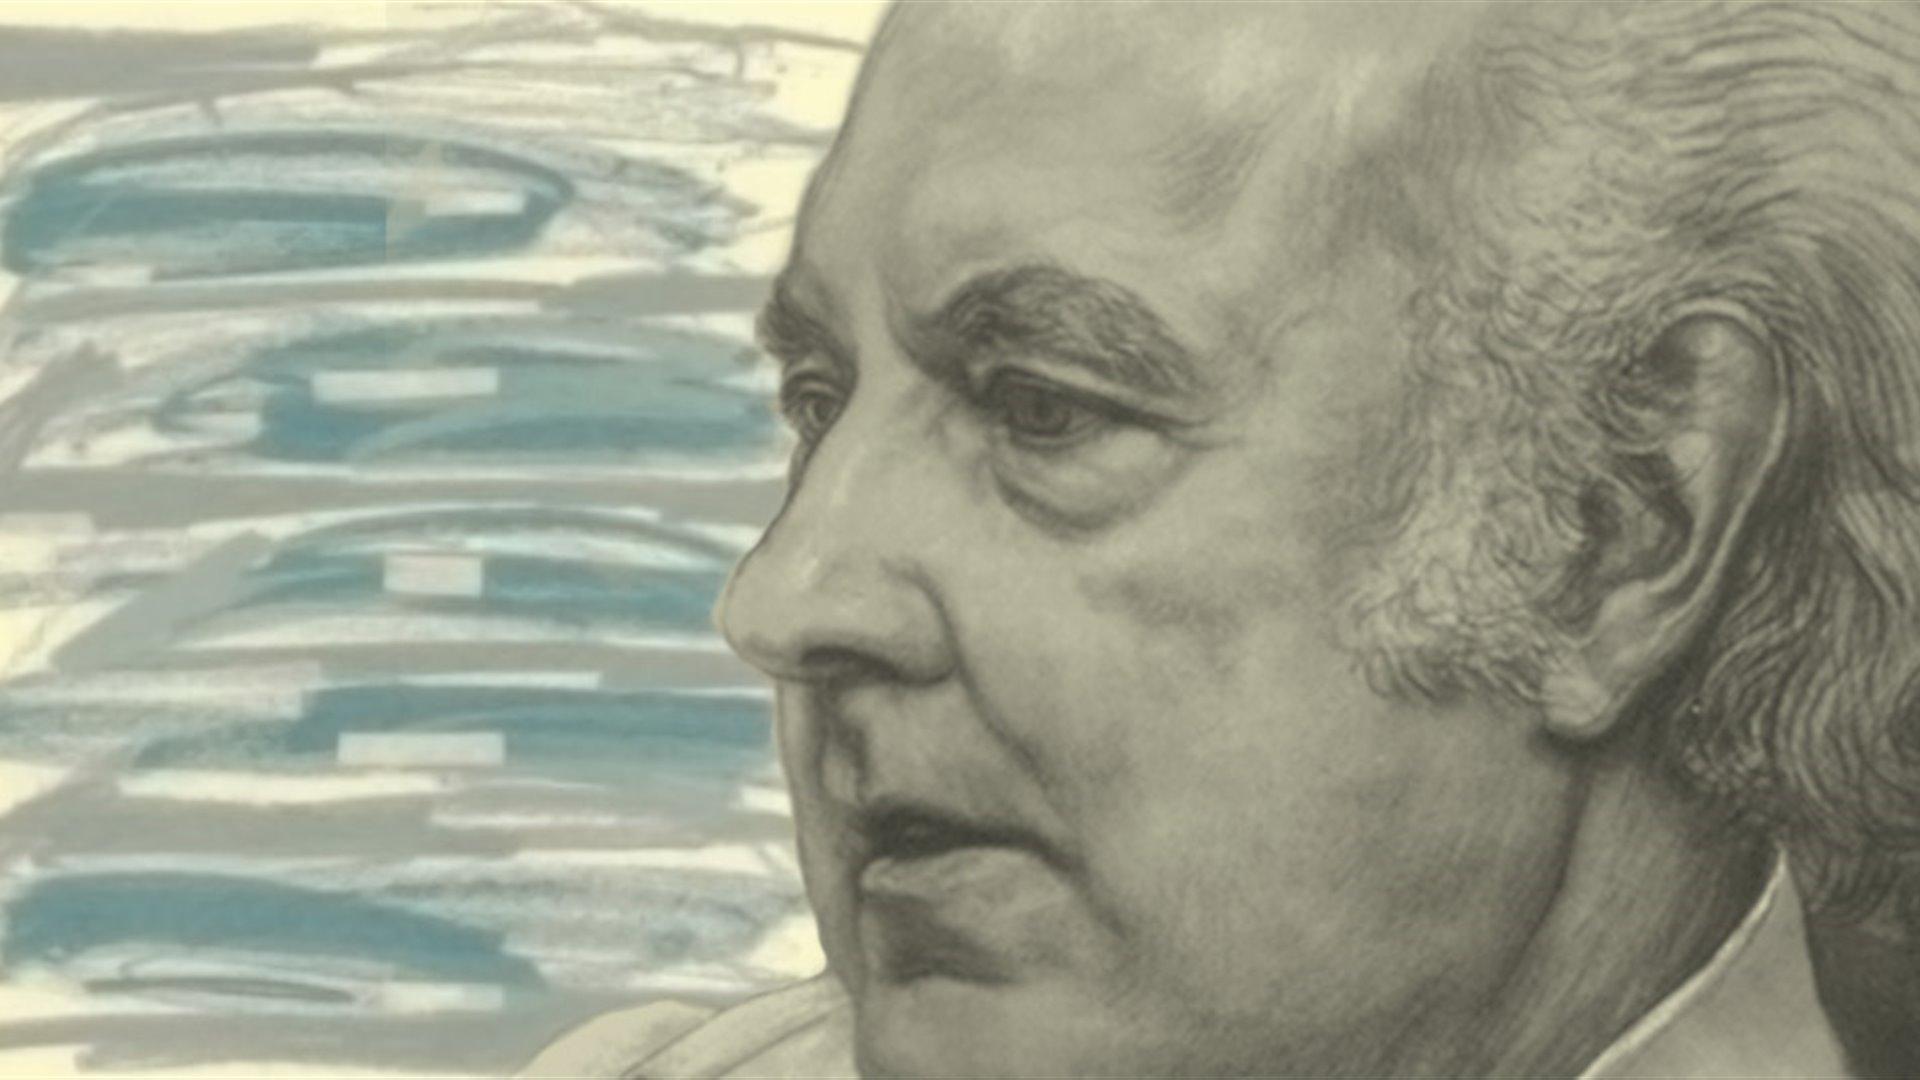 Concierto especial 25. Concierto monográfico con obras de A. González Acilu